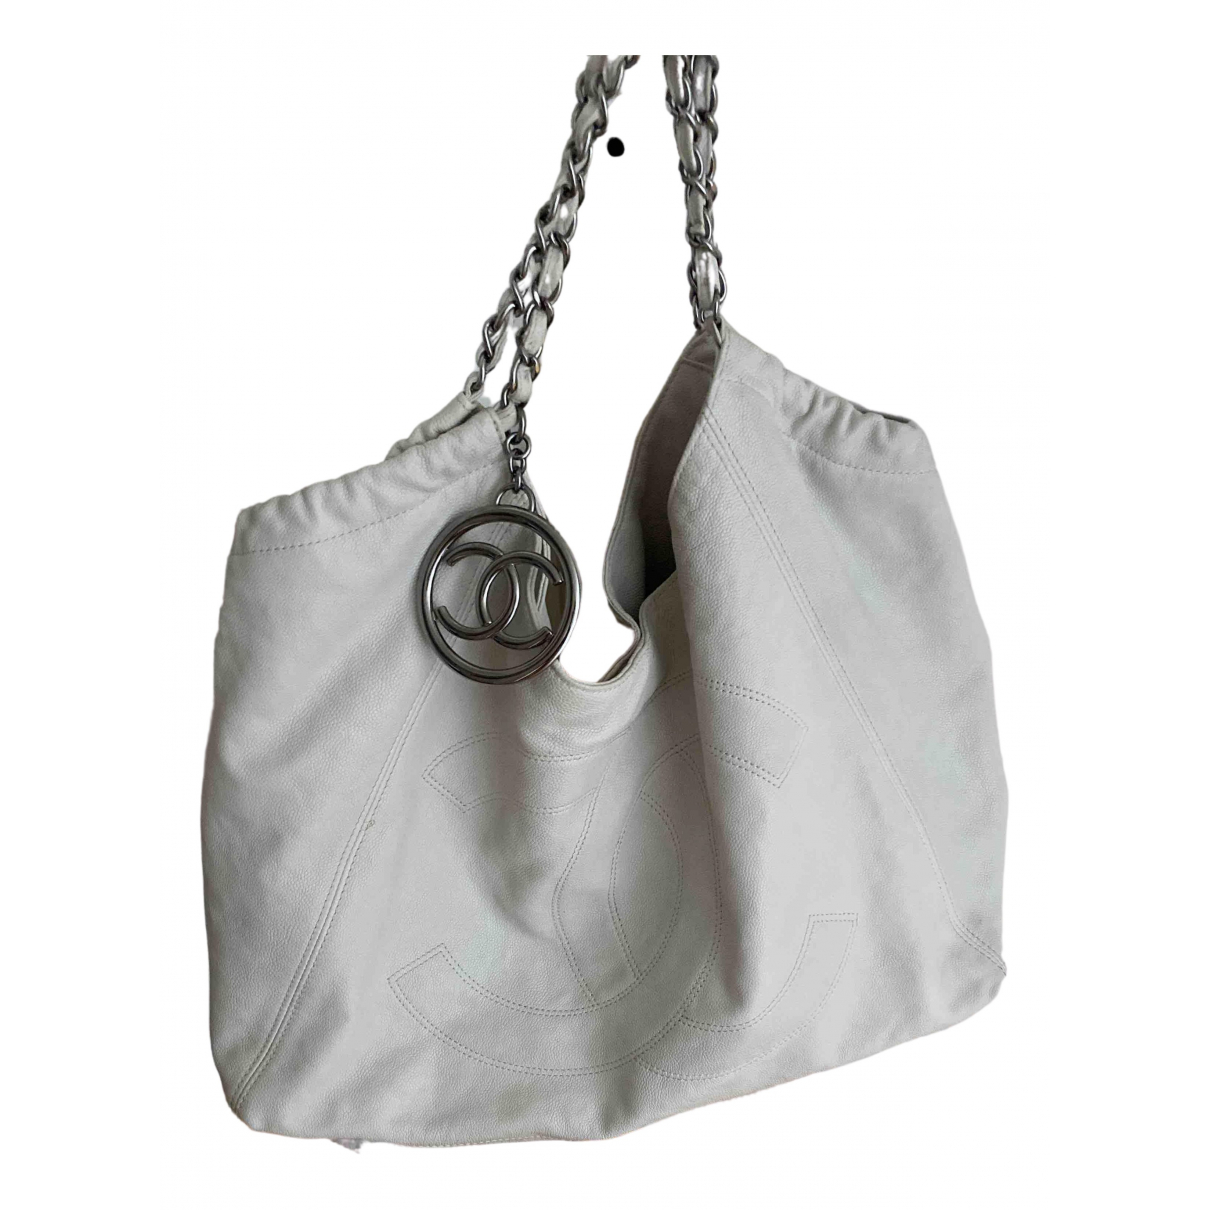 Chanel Coco Cabas Handtasche in  Weiss Leder